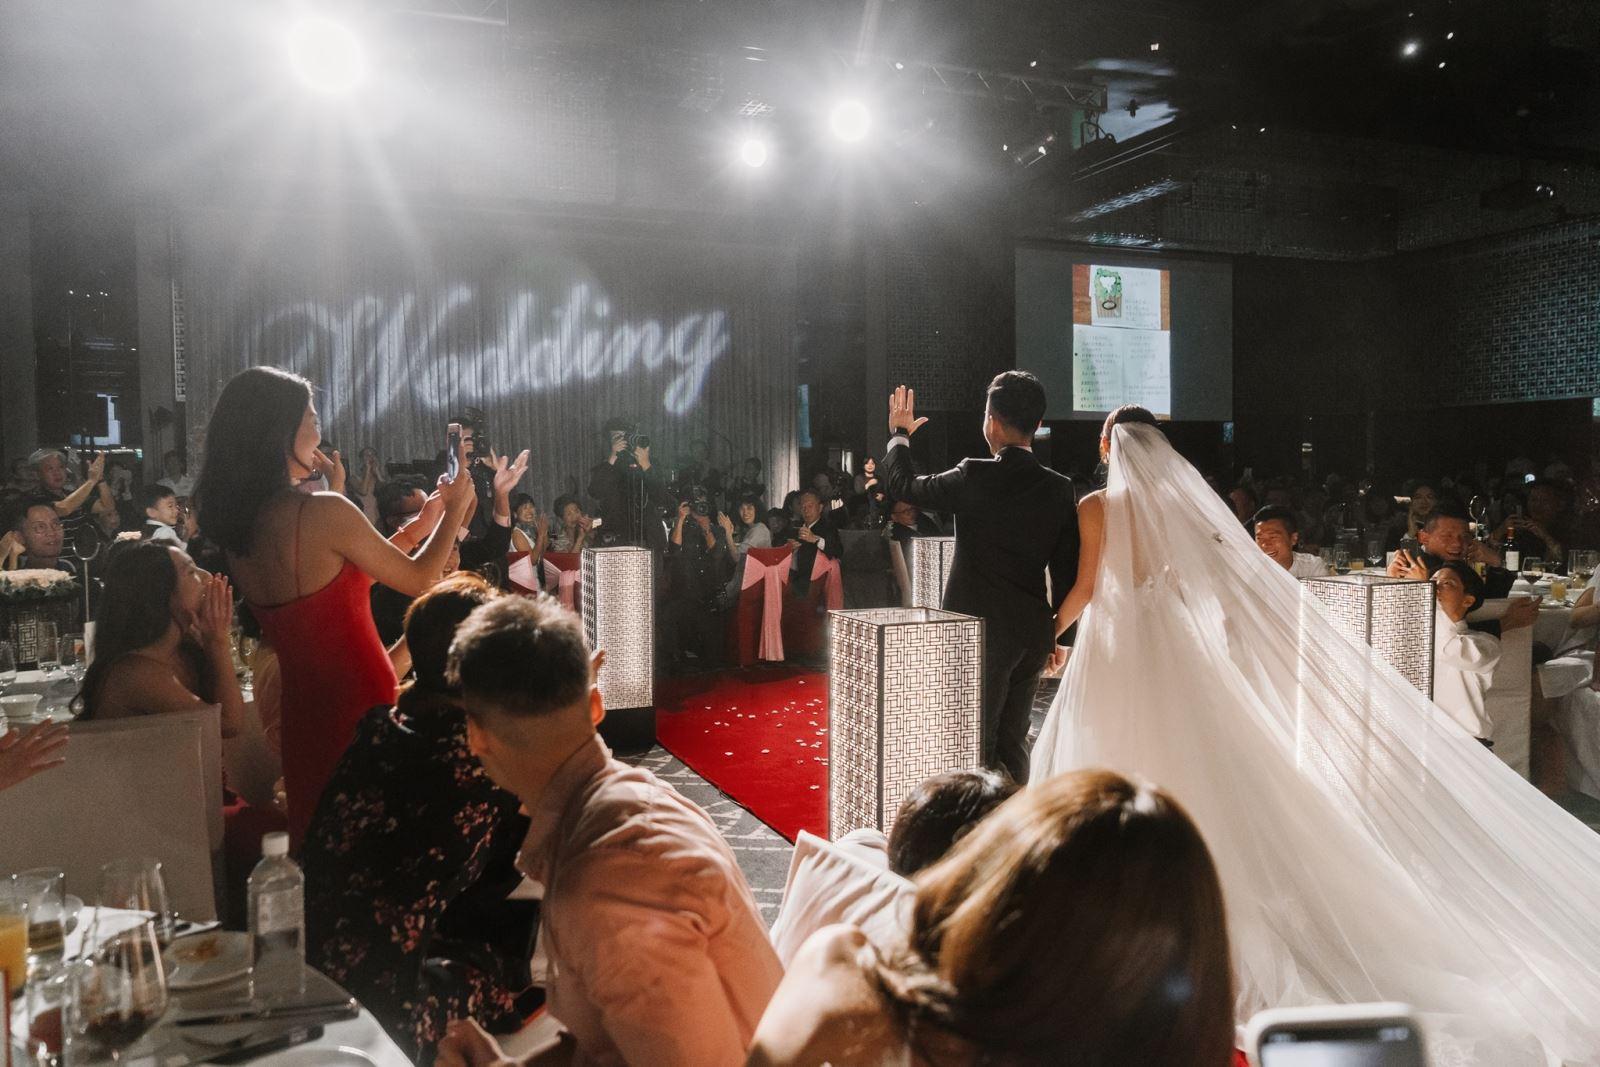 宴會廳的燈光與紅毯,婚禮中的注意事項